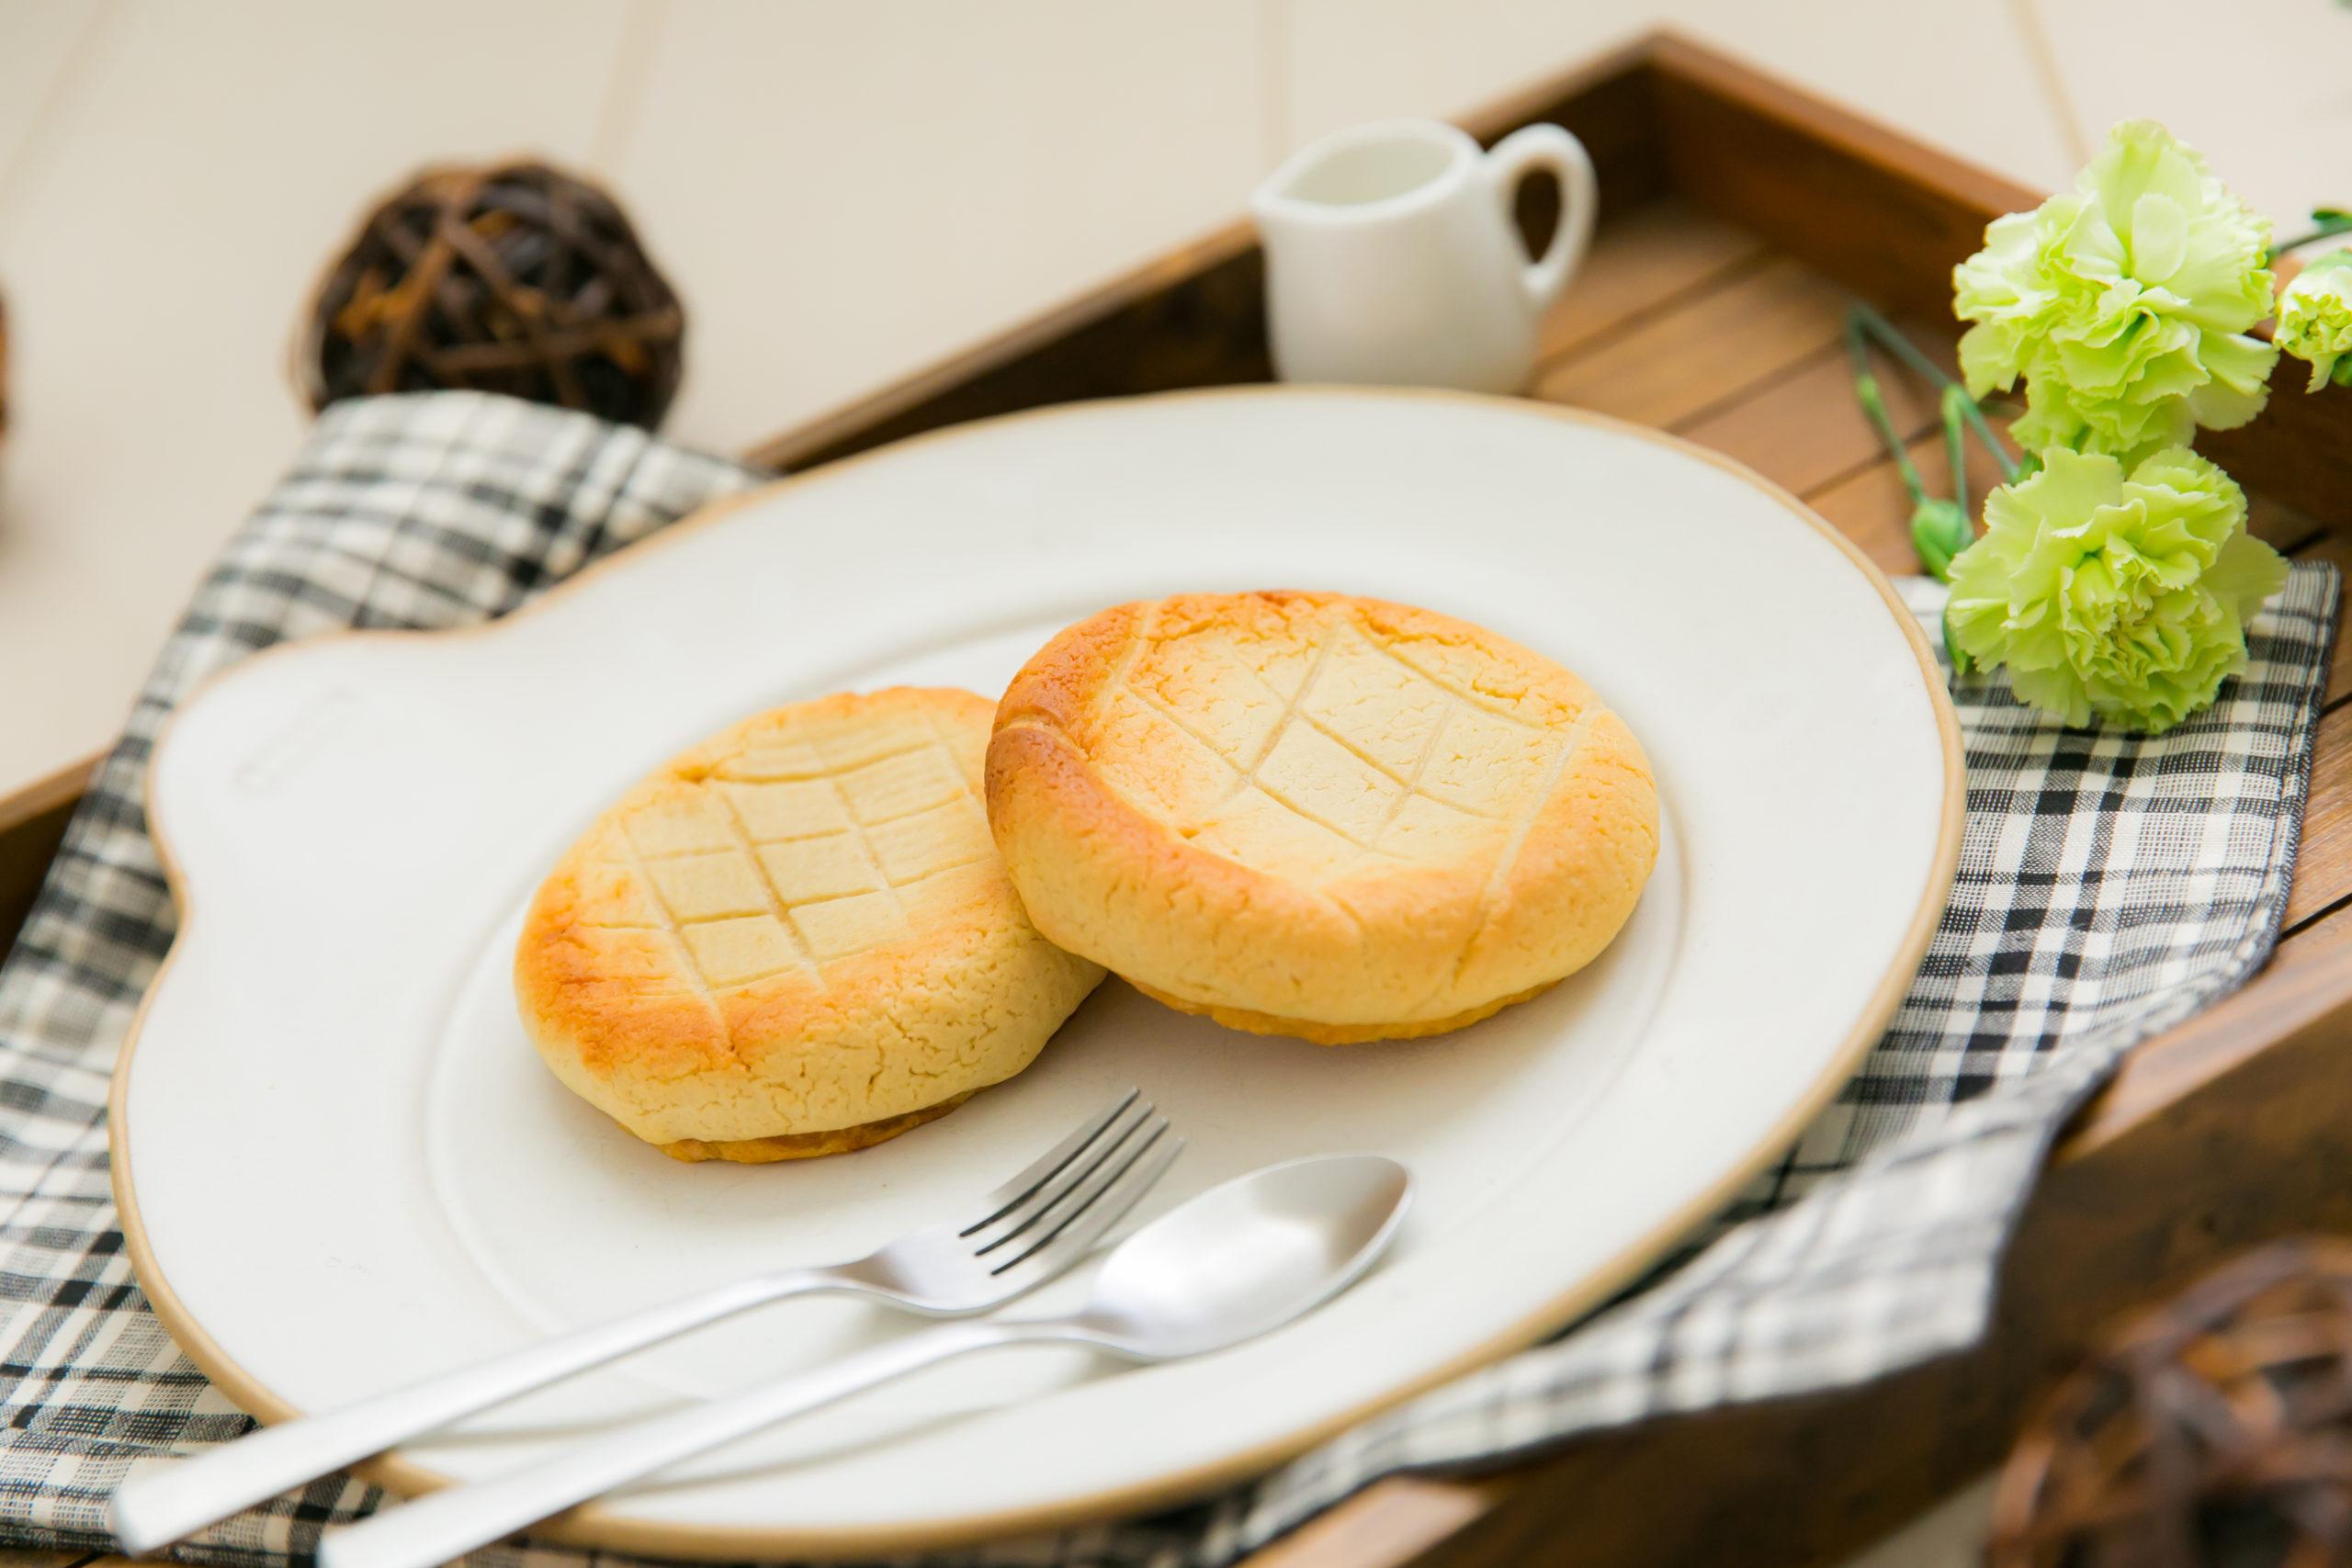 メロンパン フレンチトースト せるくる 島根 松江